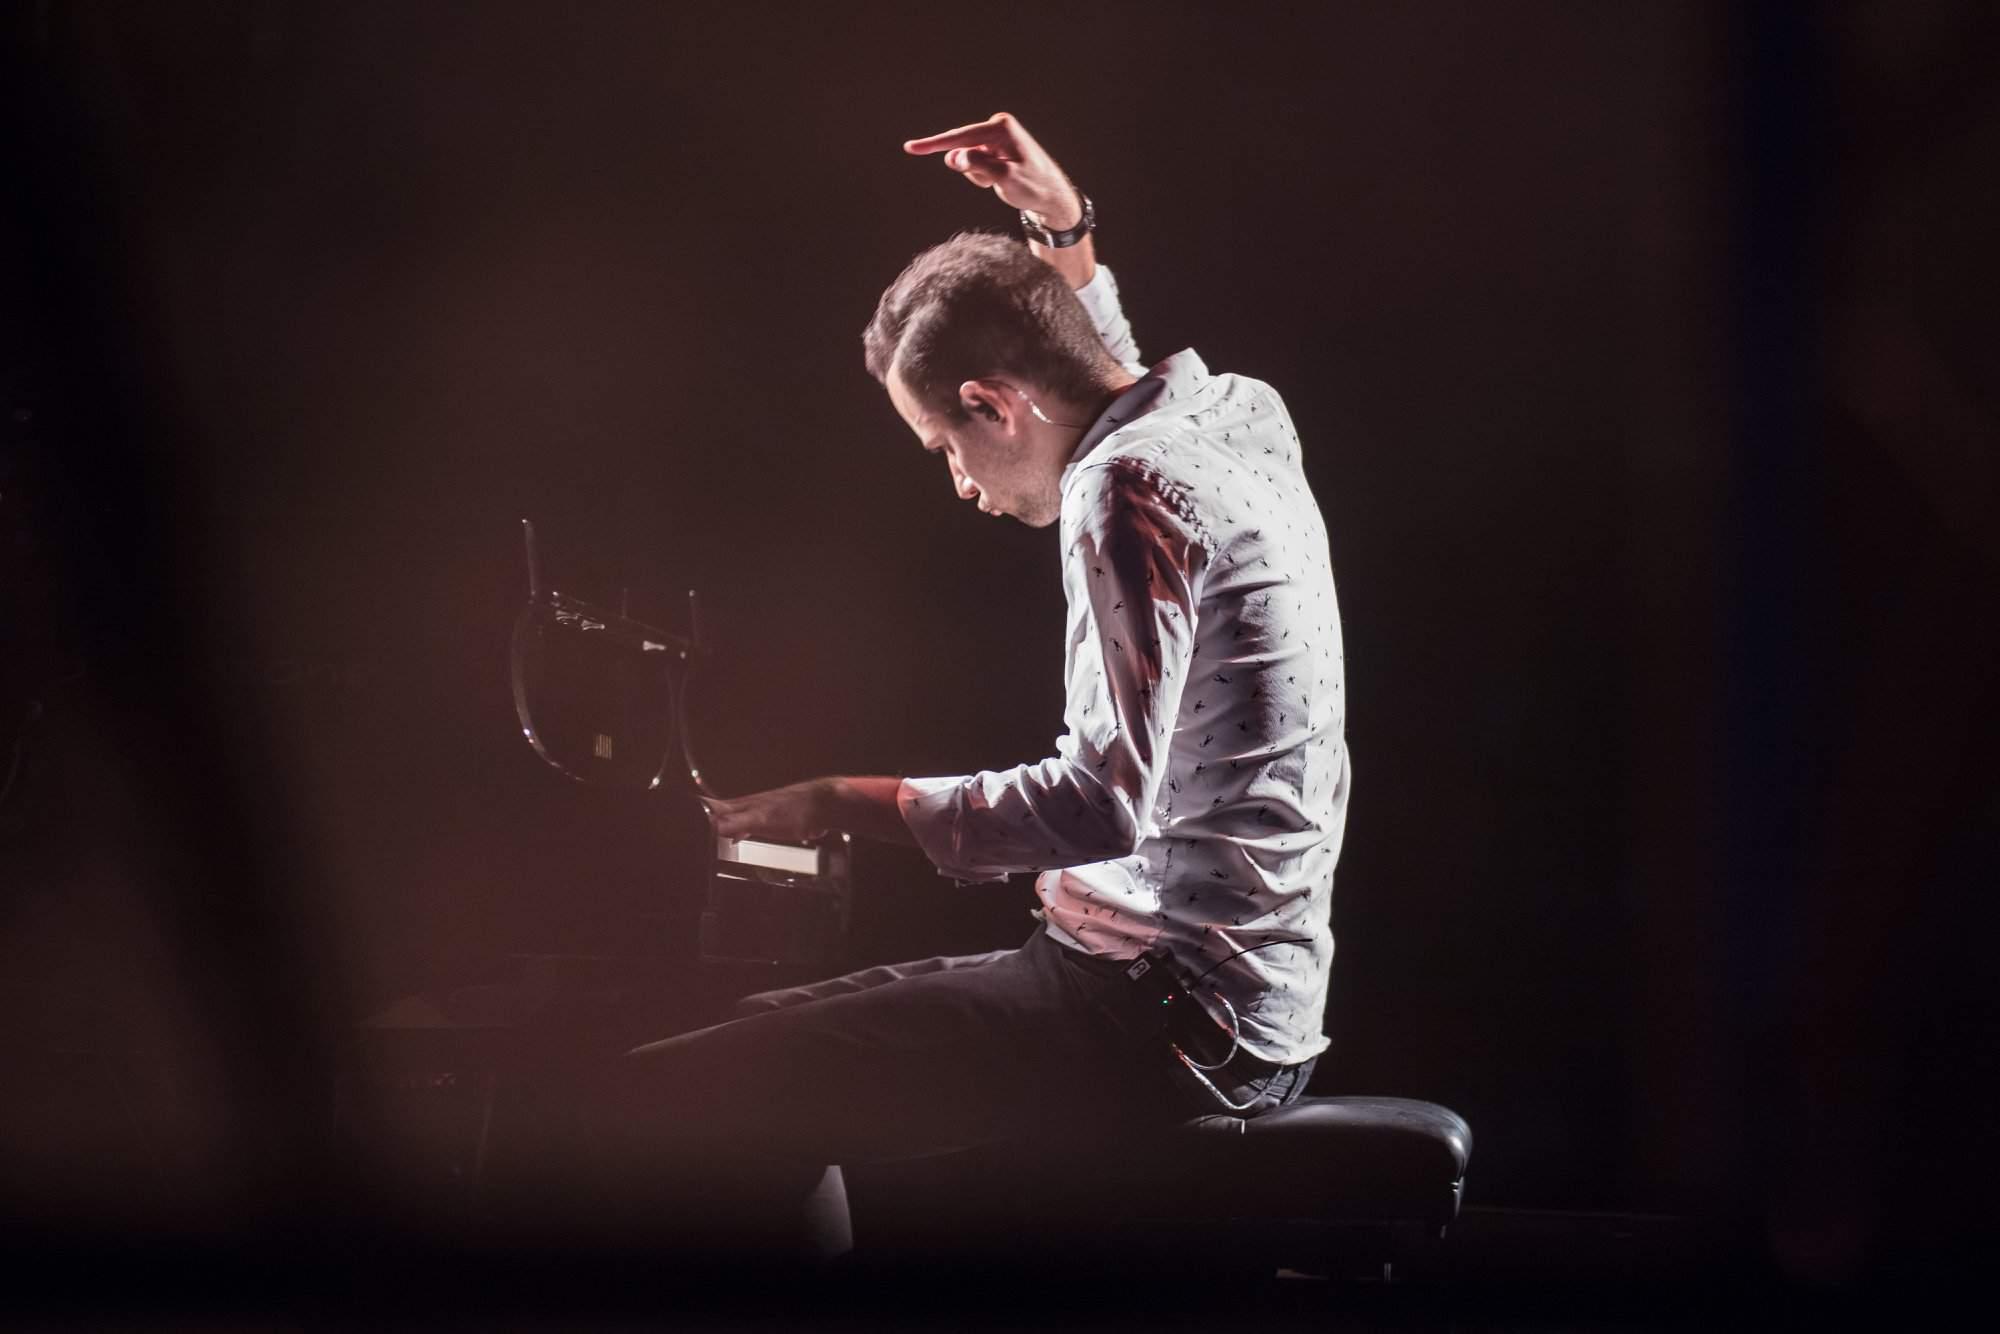 péter bence hungarian pianist musician